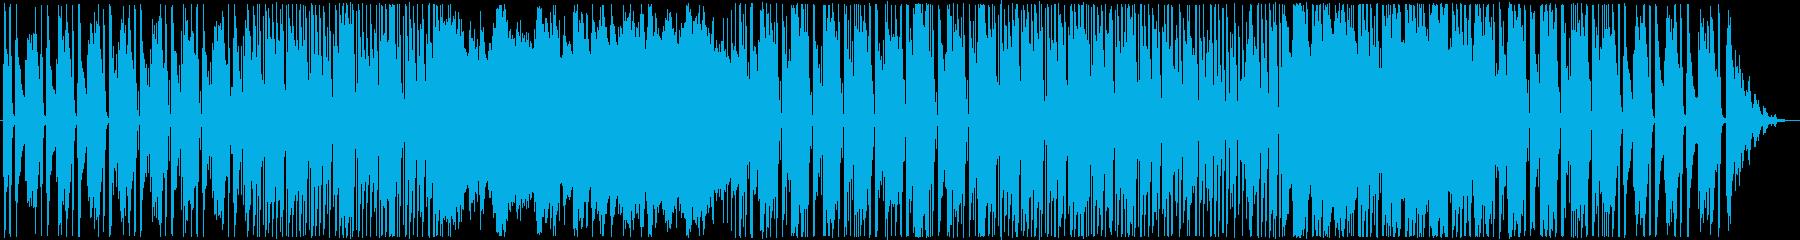 爽やかで軽快なアコースティックの再生済みの波形